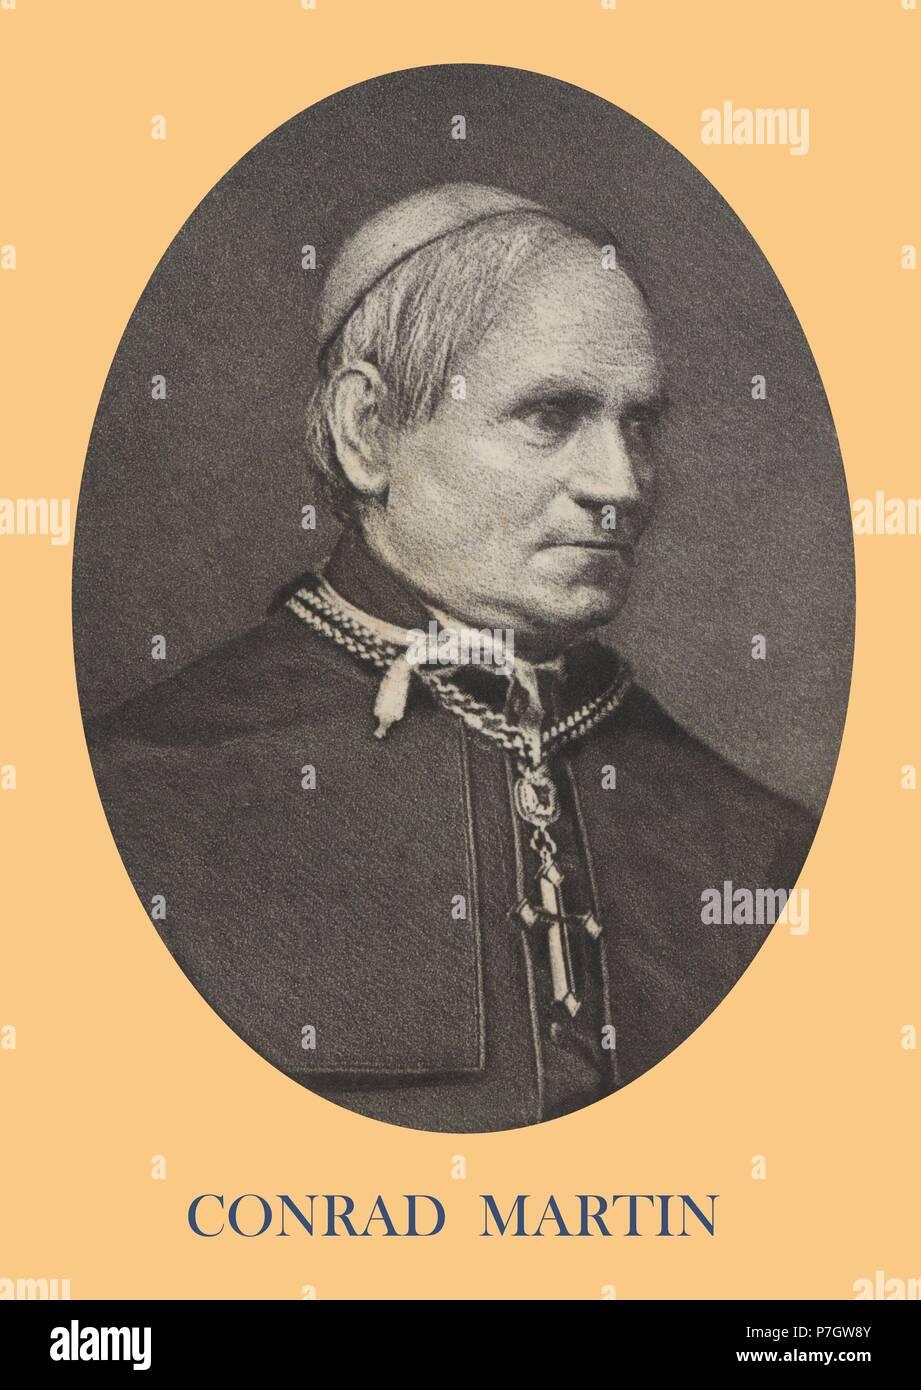 Conrad Martin (1812-1874), obispo de Paderborn, Prusia. Participó en el Concilio Vaticano I. Grabado de 1871. - Stock Image